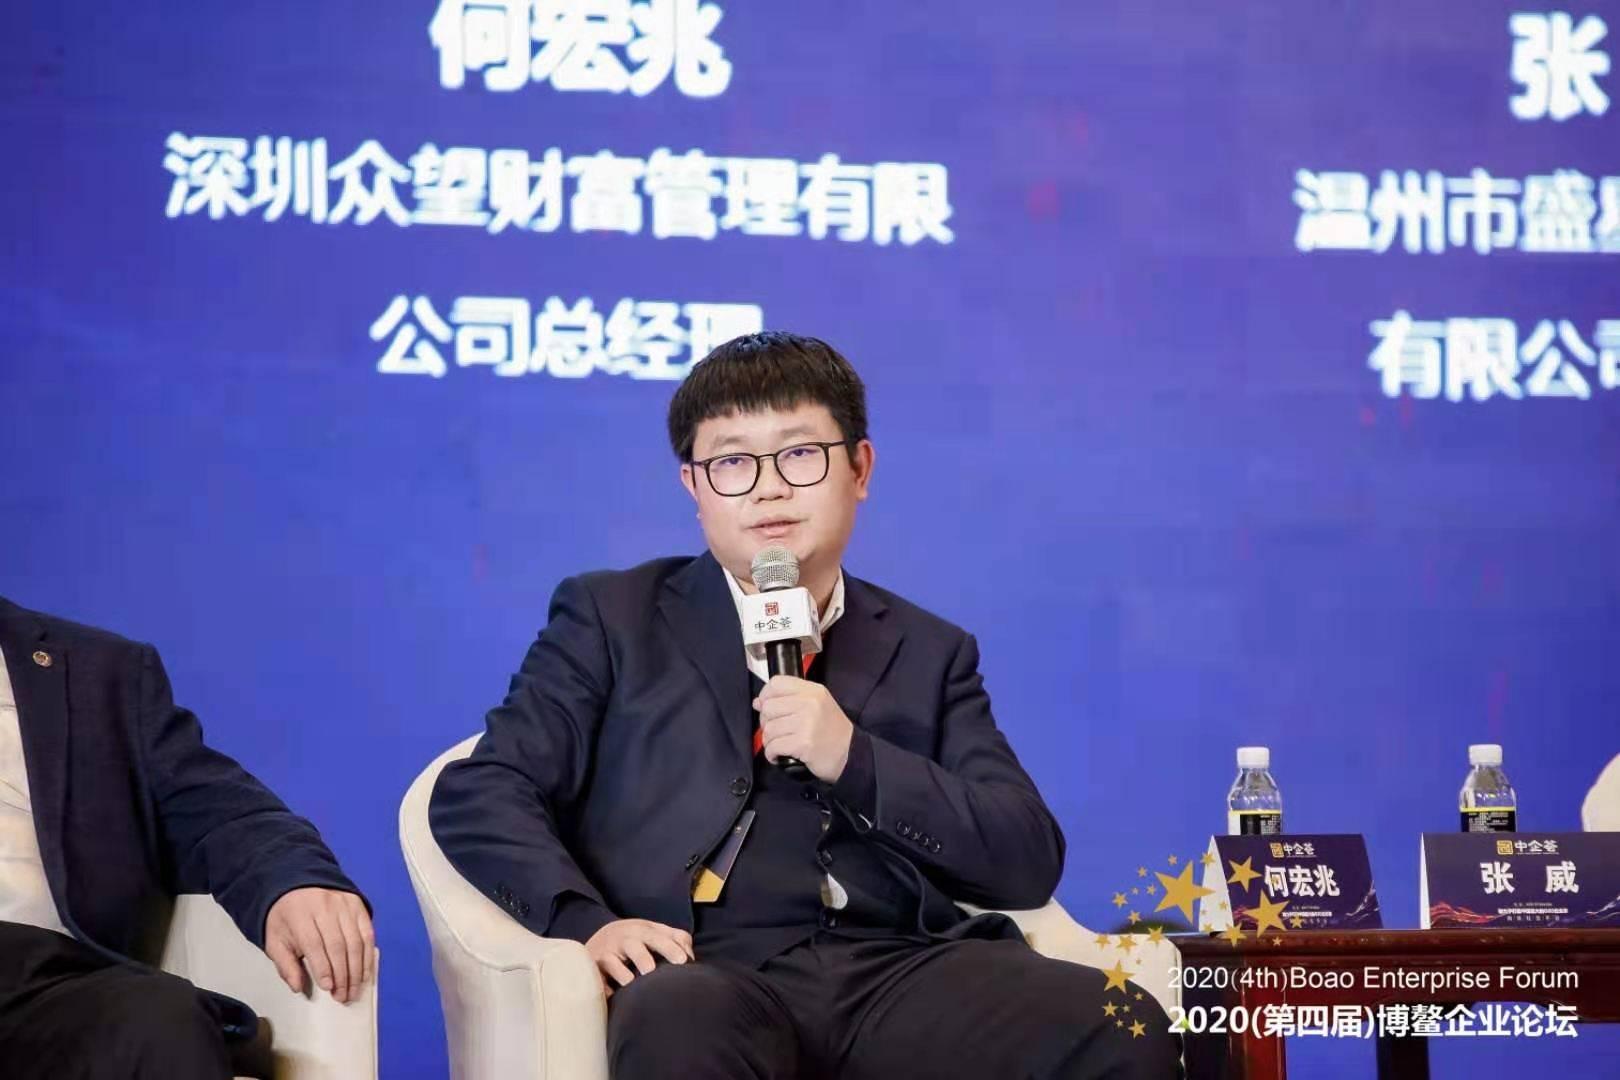 2020(第四届)海南博鳌企业论坛邀请众望财富圆满落幕